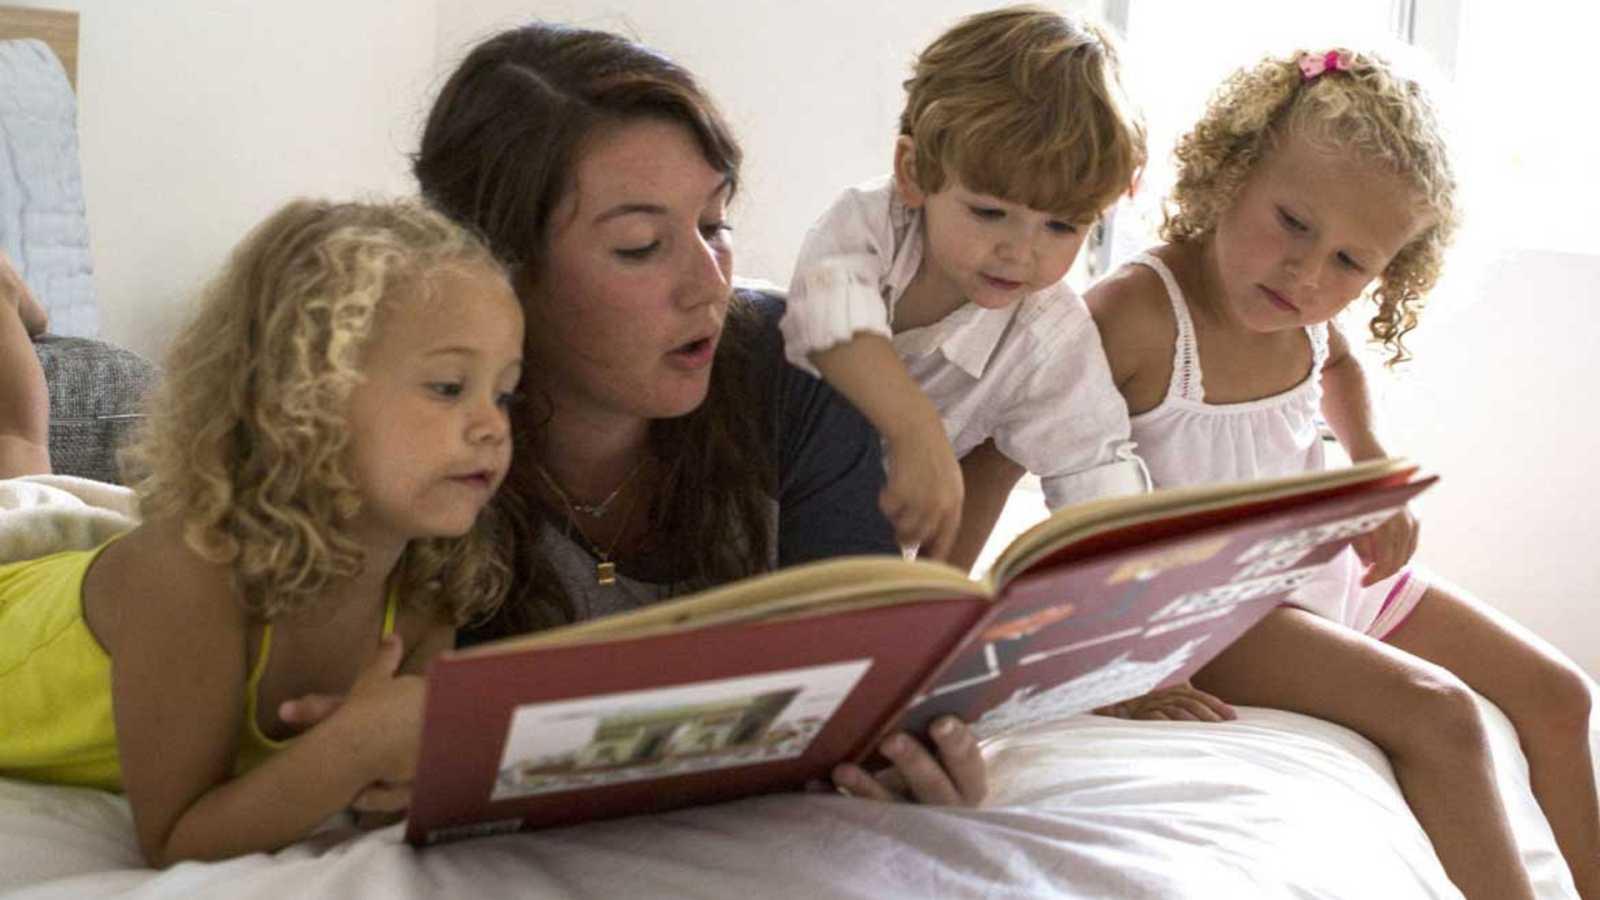 Mamás y papás - Au Pair: la hermana mayor que vino del extranjero - 14/02/21 - Escuchar ahora